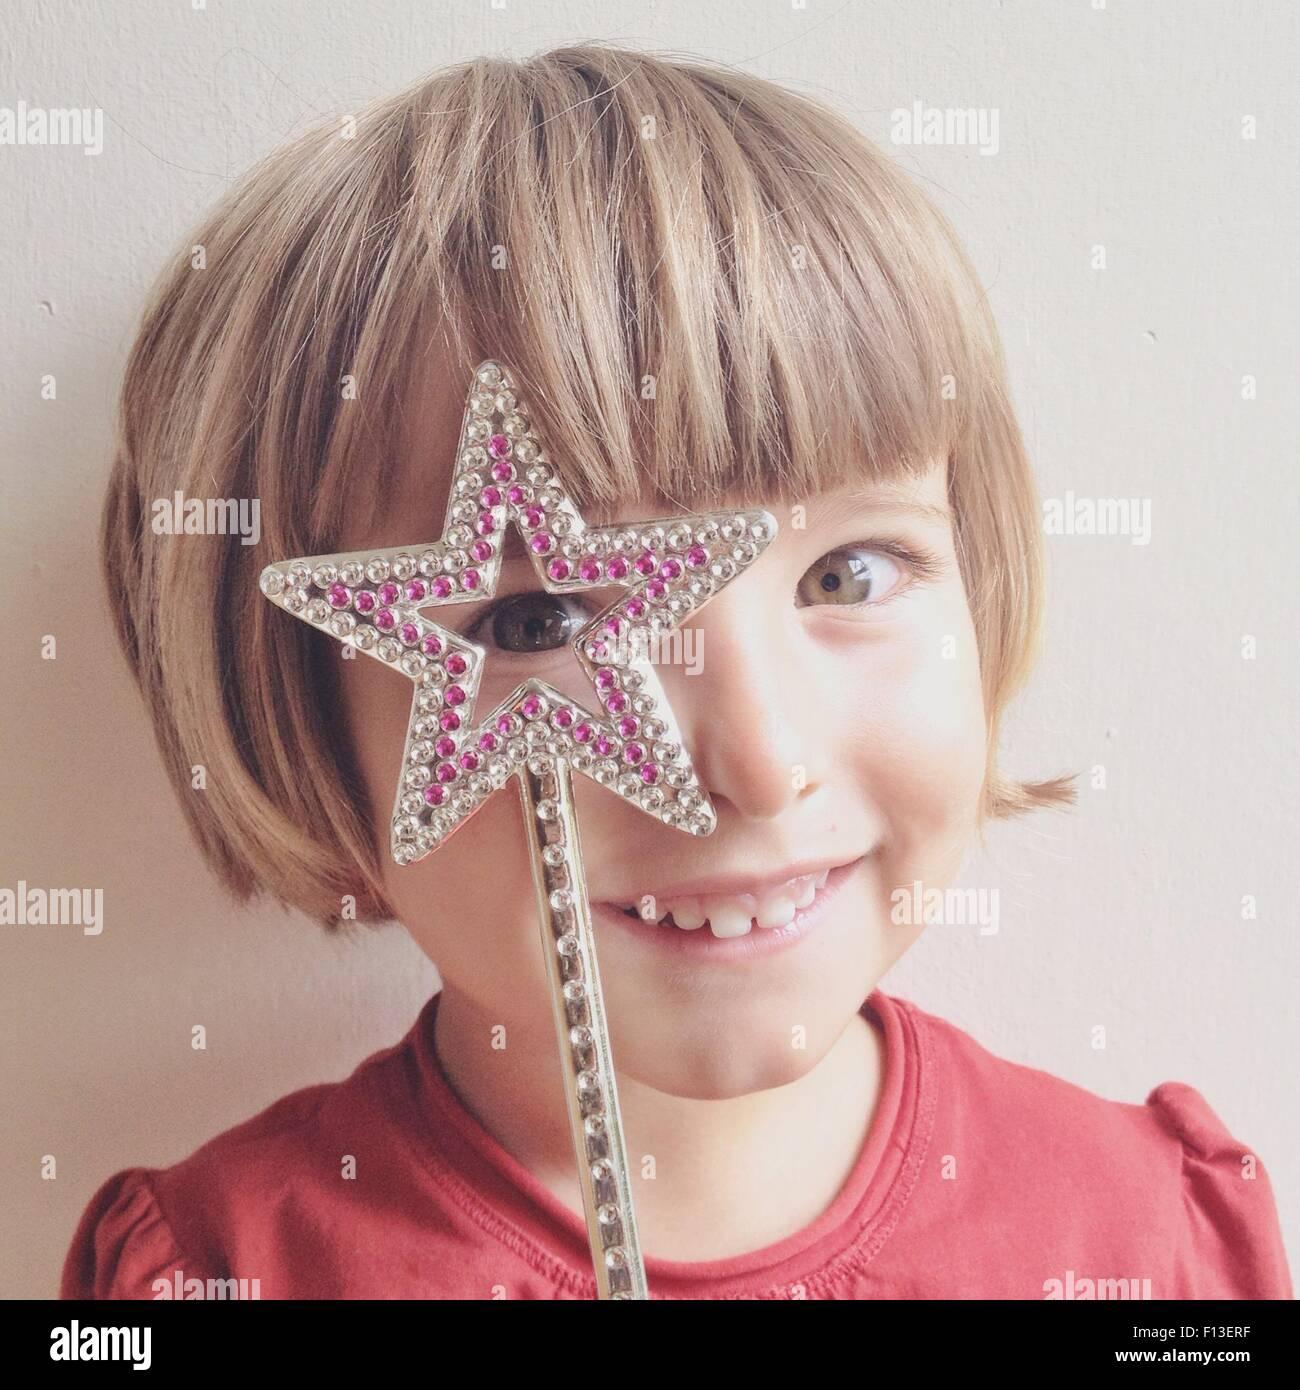 Petite fille à l'entremise de star wand Photo Stock